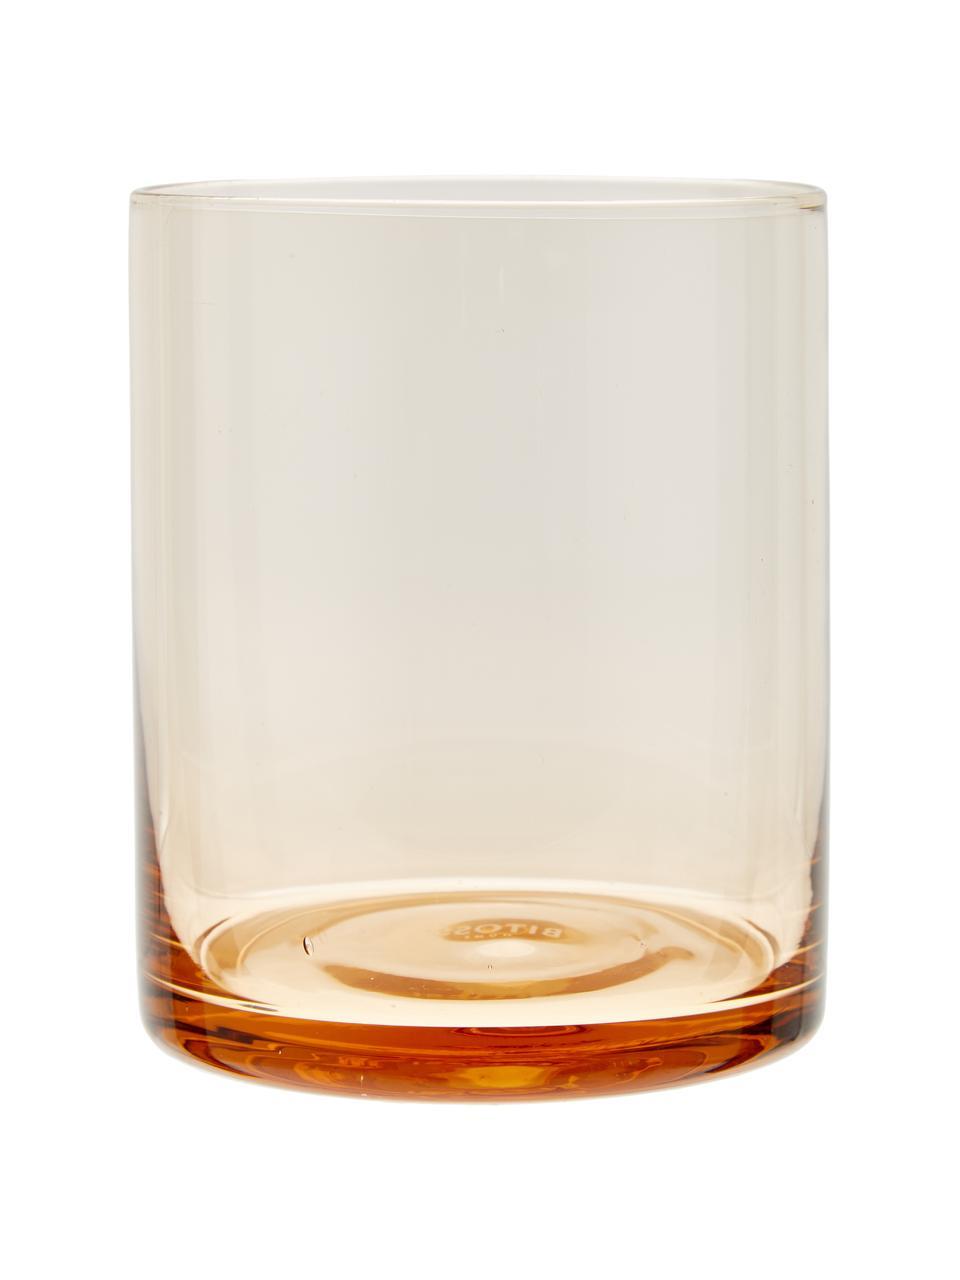 Set 6 bicchieri acqua in vetro soffiato in diverse forme e colori Desigual, Vetro soffiato, Multicolore, Ø 8 x Alt. 10 cm